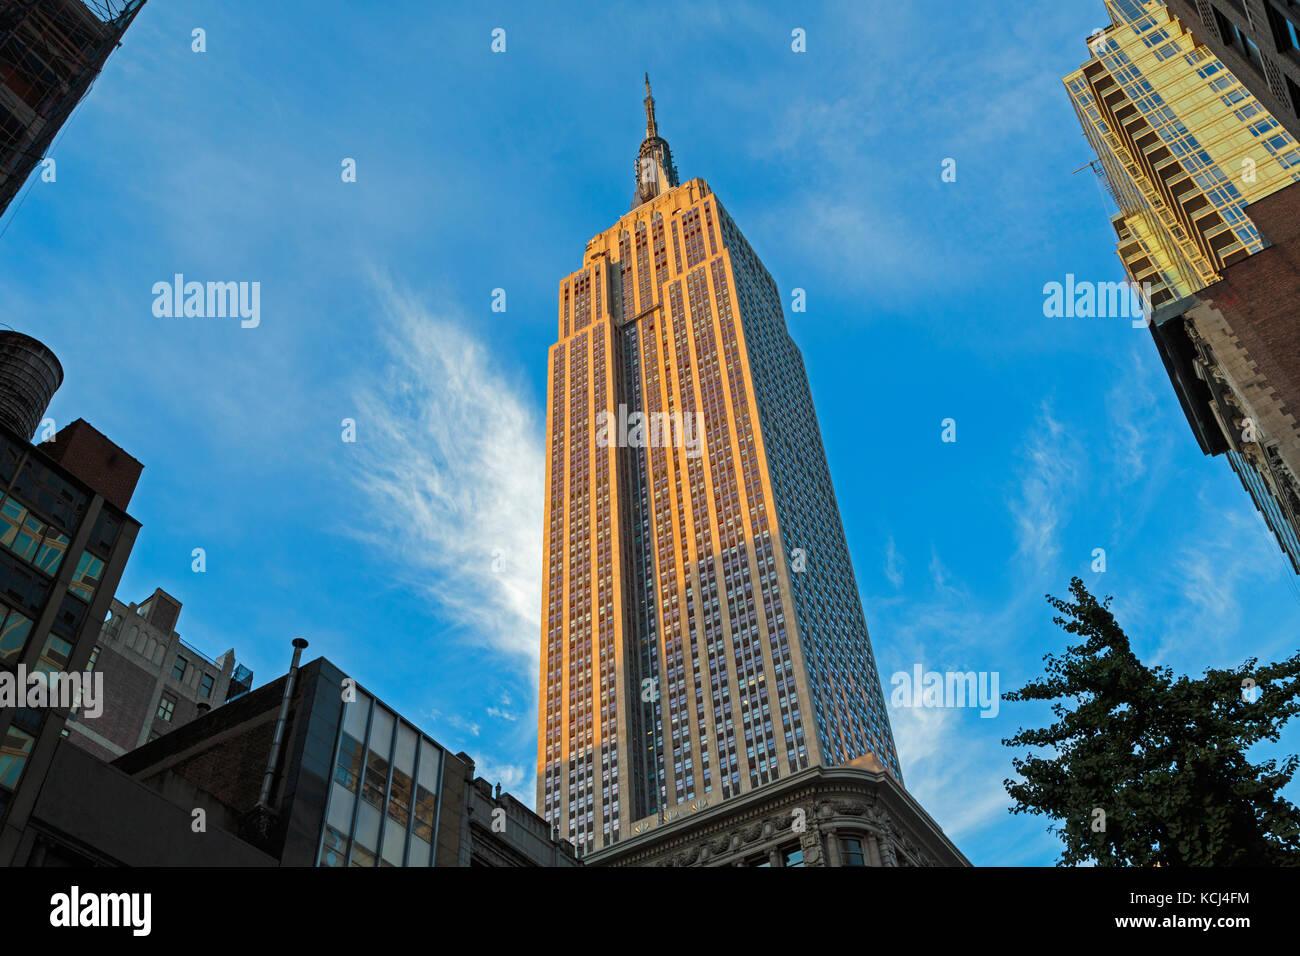 La ville de New York, état de New York, États-Unis d'Amérique. l'empire state building skyscraper. Banque D'Images